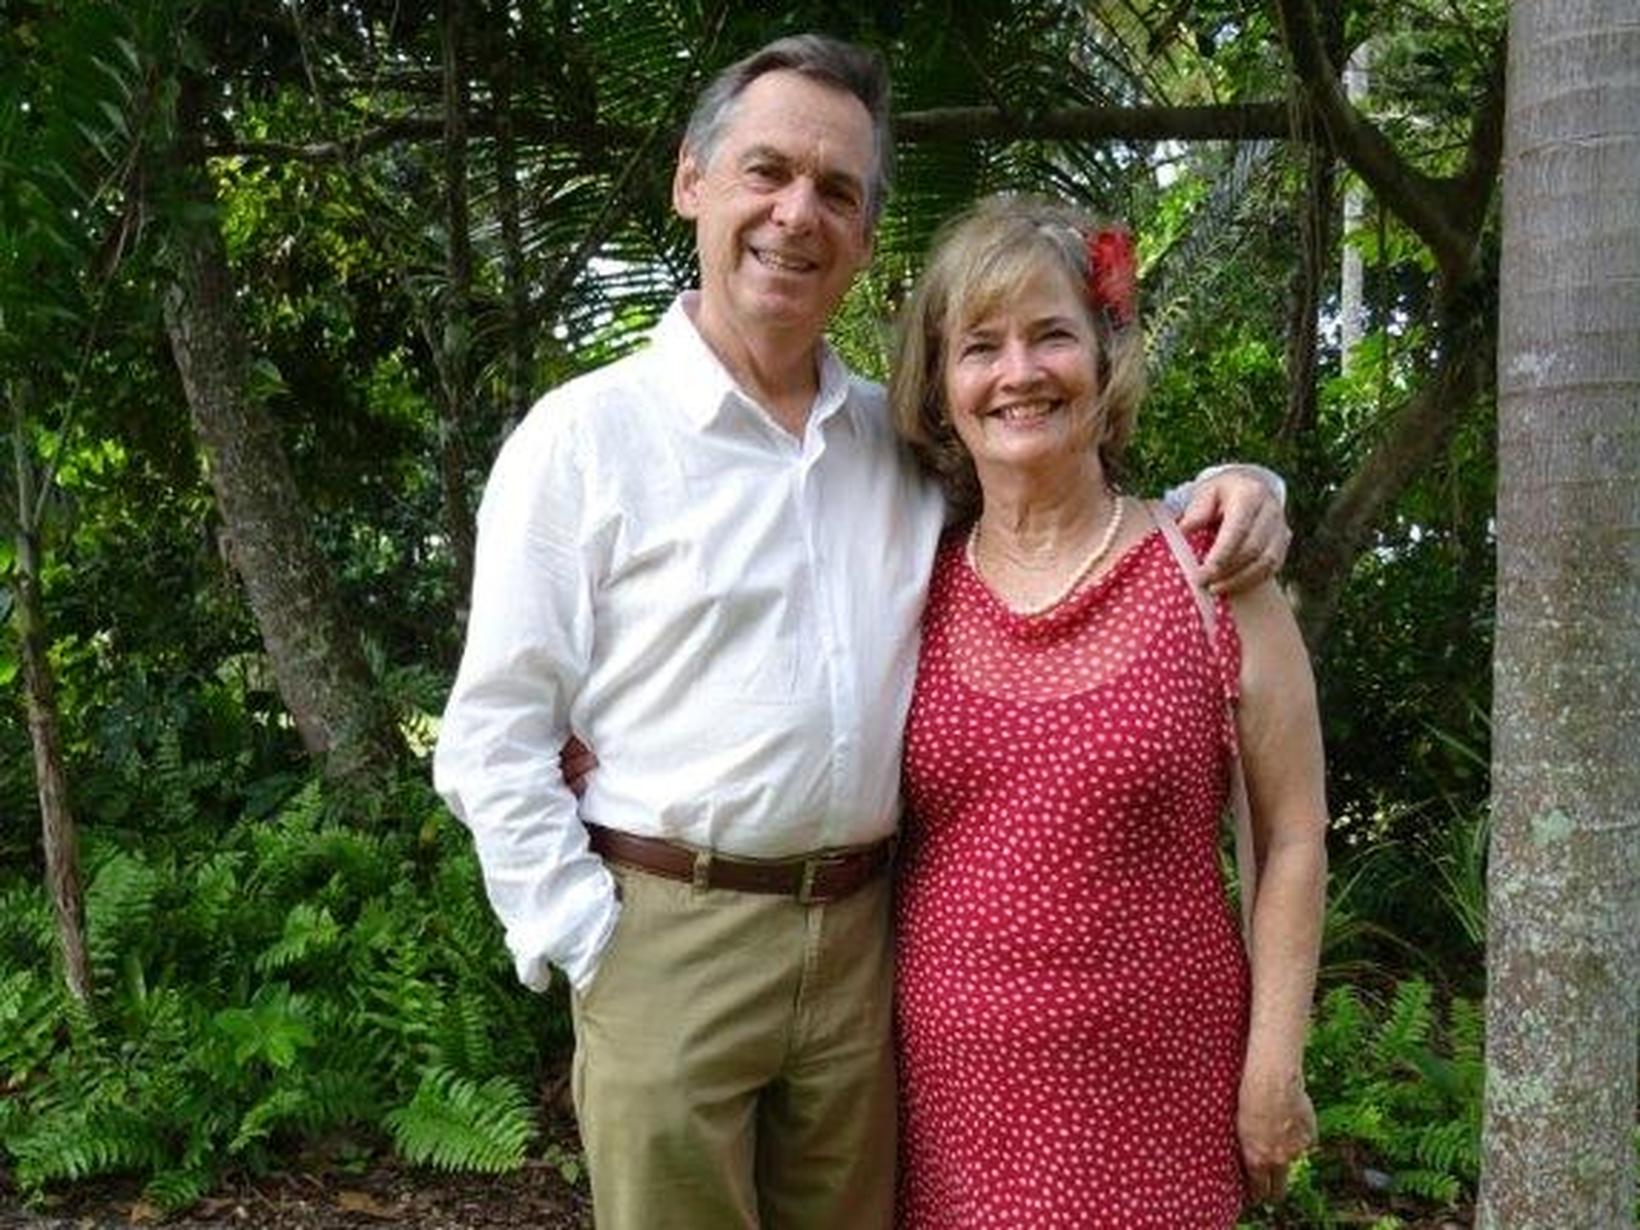 Marlene and geoff & Geoff from Brisbane, Queensland, Australia